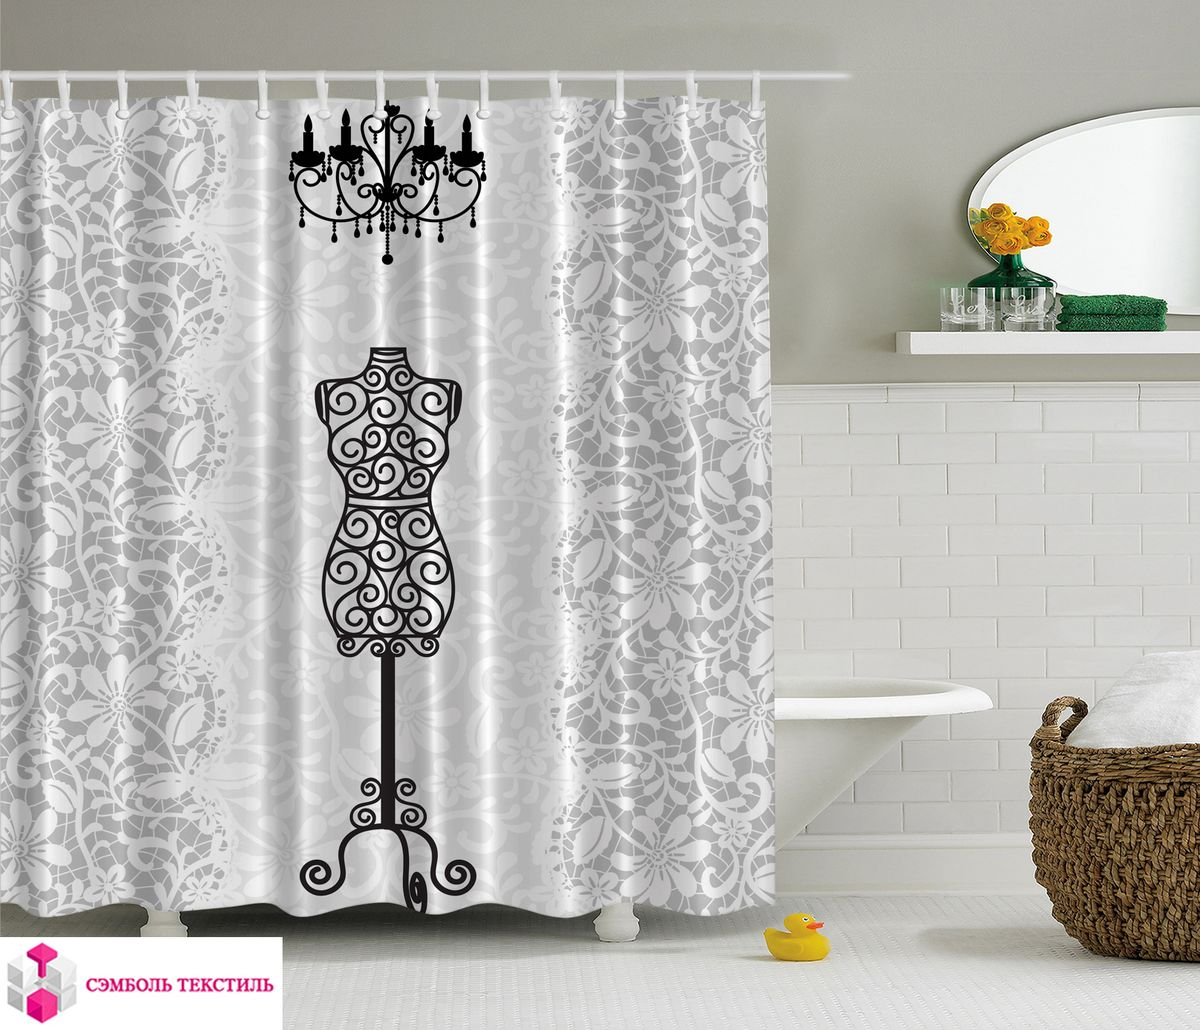 Штора для ванной комнаты Magic Lady Ателье, 180 х 200 смшв_4004Штора Magic Lady Ателье, изготовленная из высококачественного сатена (полиэстер 100%), отлично дополнит любой интерьер ванной комнаты. При изготовлении используются специальные гипоаллергенные чернила для прямой печати по ткани, безопасные для человека.В комплекте: 1 штора, 12 крючков. Обращаем ваше внимание, фактический цвет изделия может незначительно отличаться от представленного на фото.